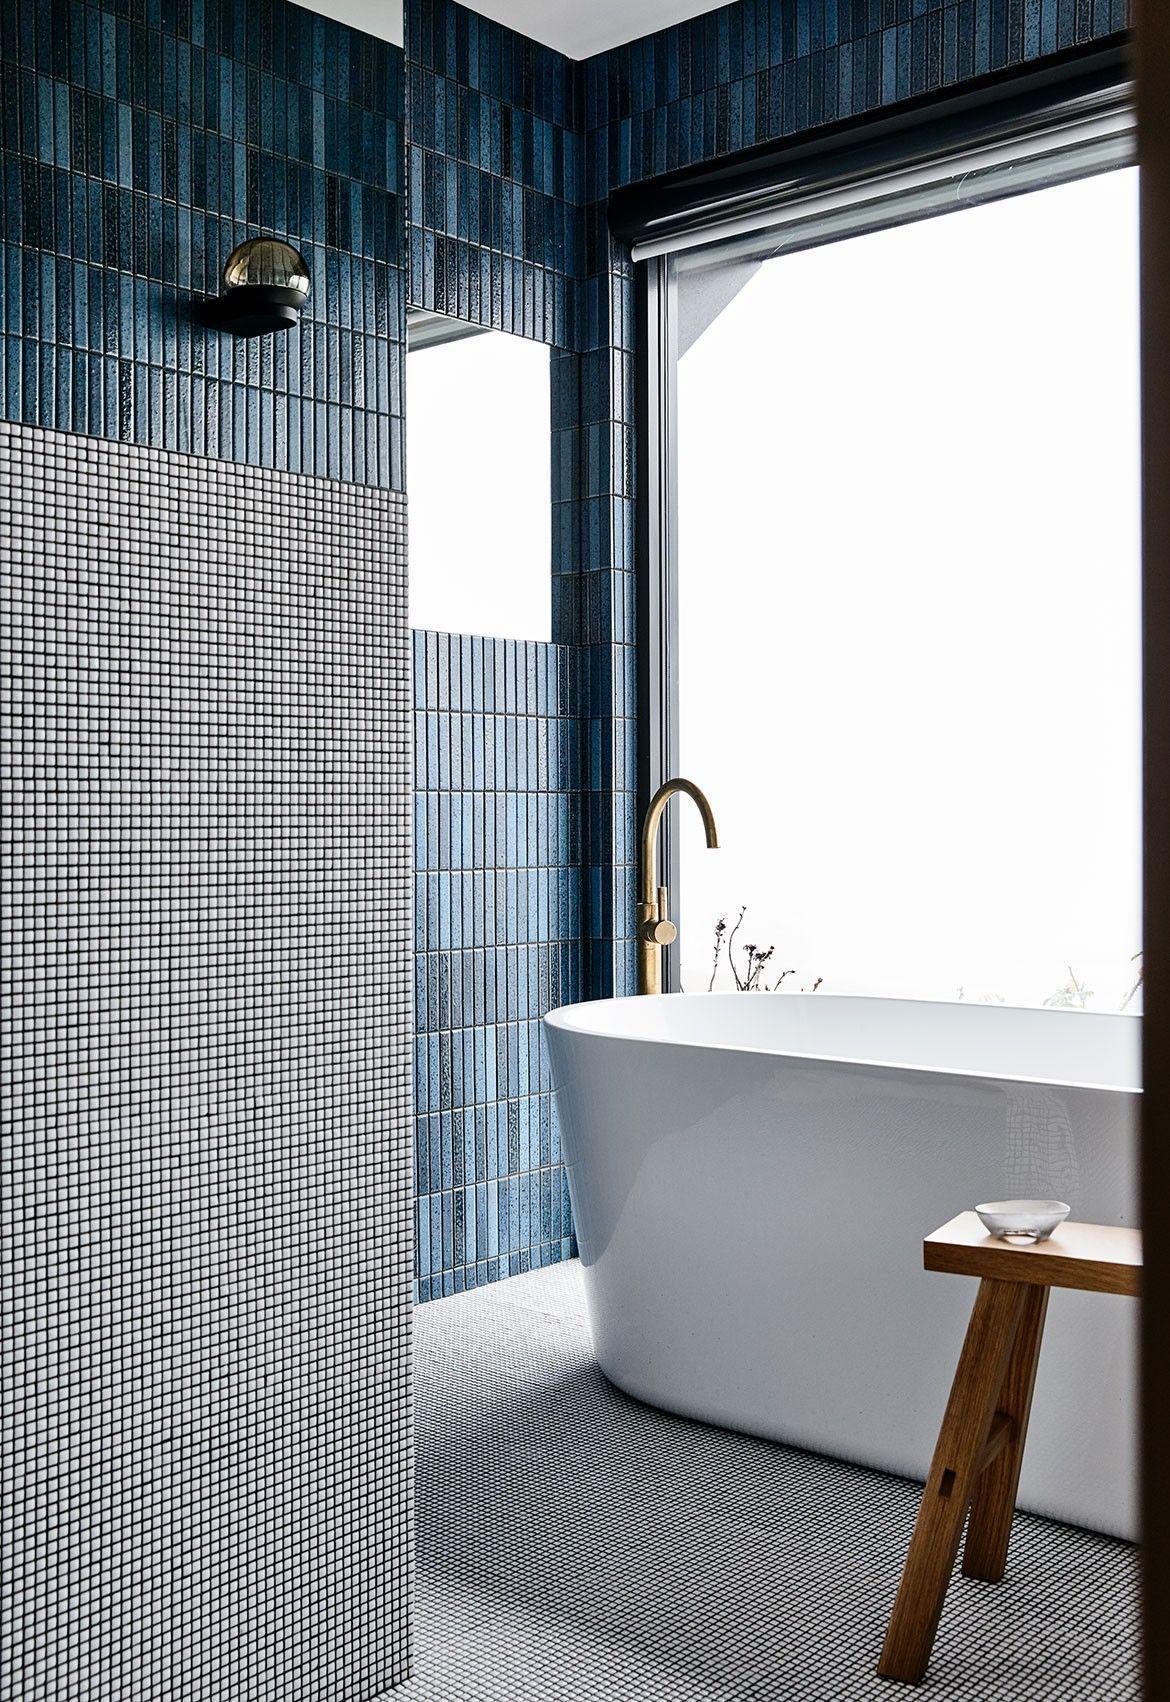 19 Beste Moderne Badezimmer Design Ideen Beste Wohnideen Und Inspiration In 2020 Modernes Badezimmerdesign Badezimmereinrichtung Badezimmer Trends